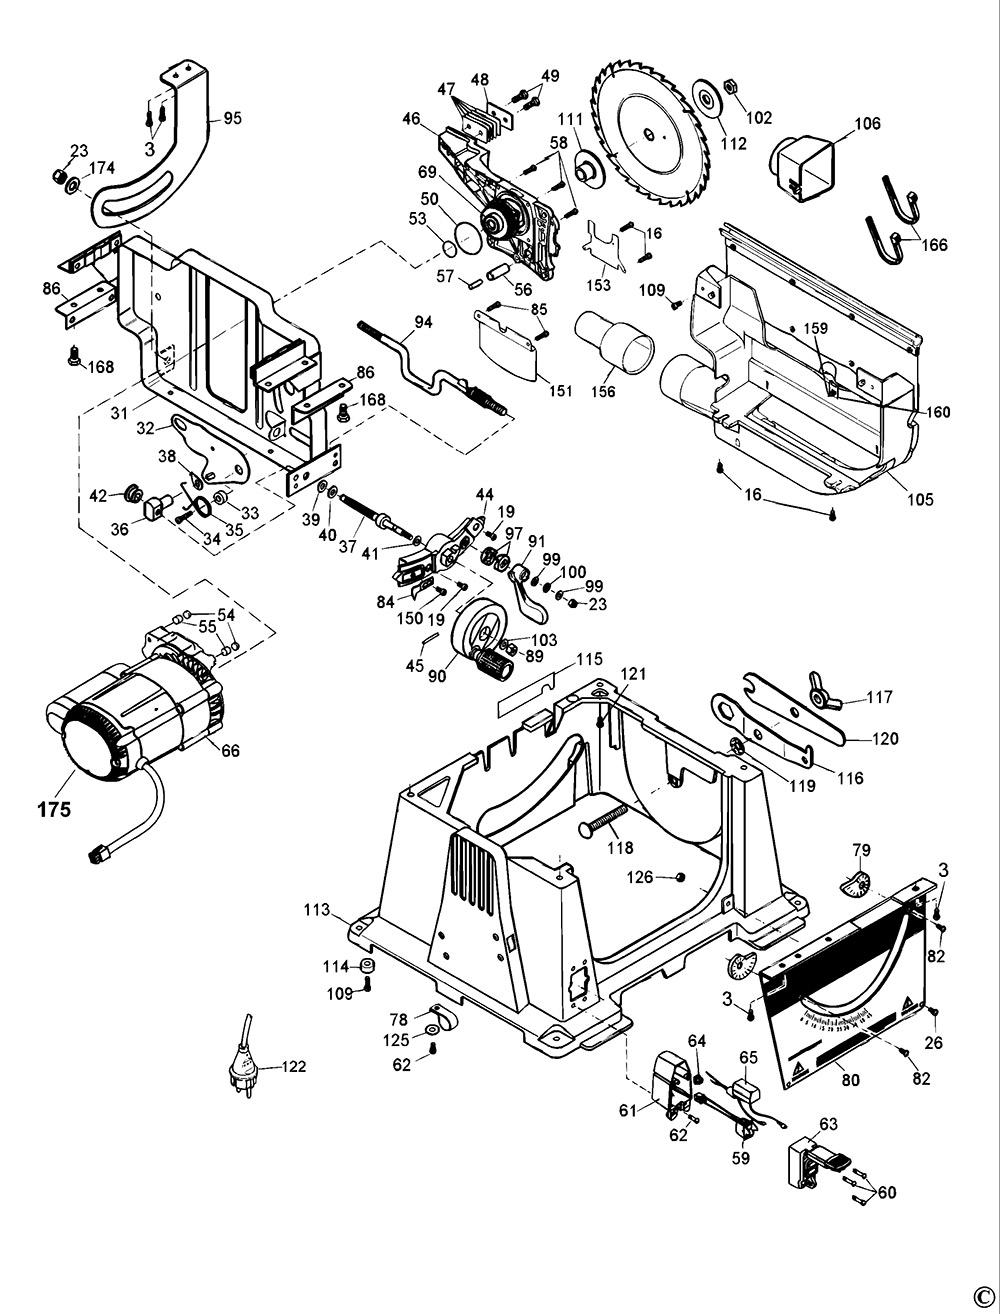 Dewalt Dw744xp Type 1 Table Saw Spare Parts Part Shop Direct